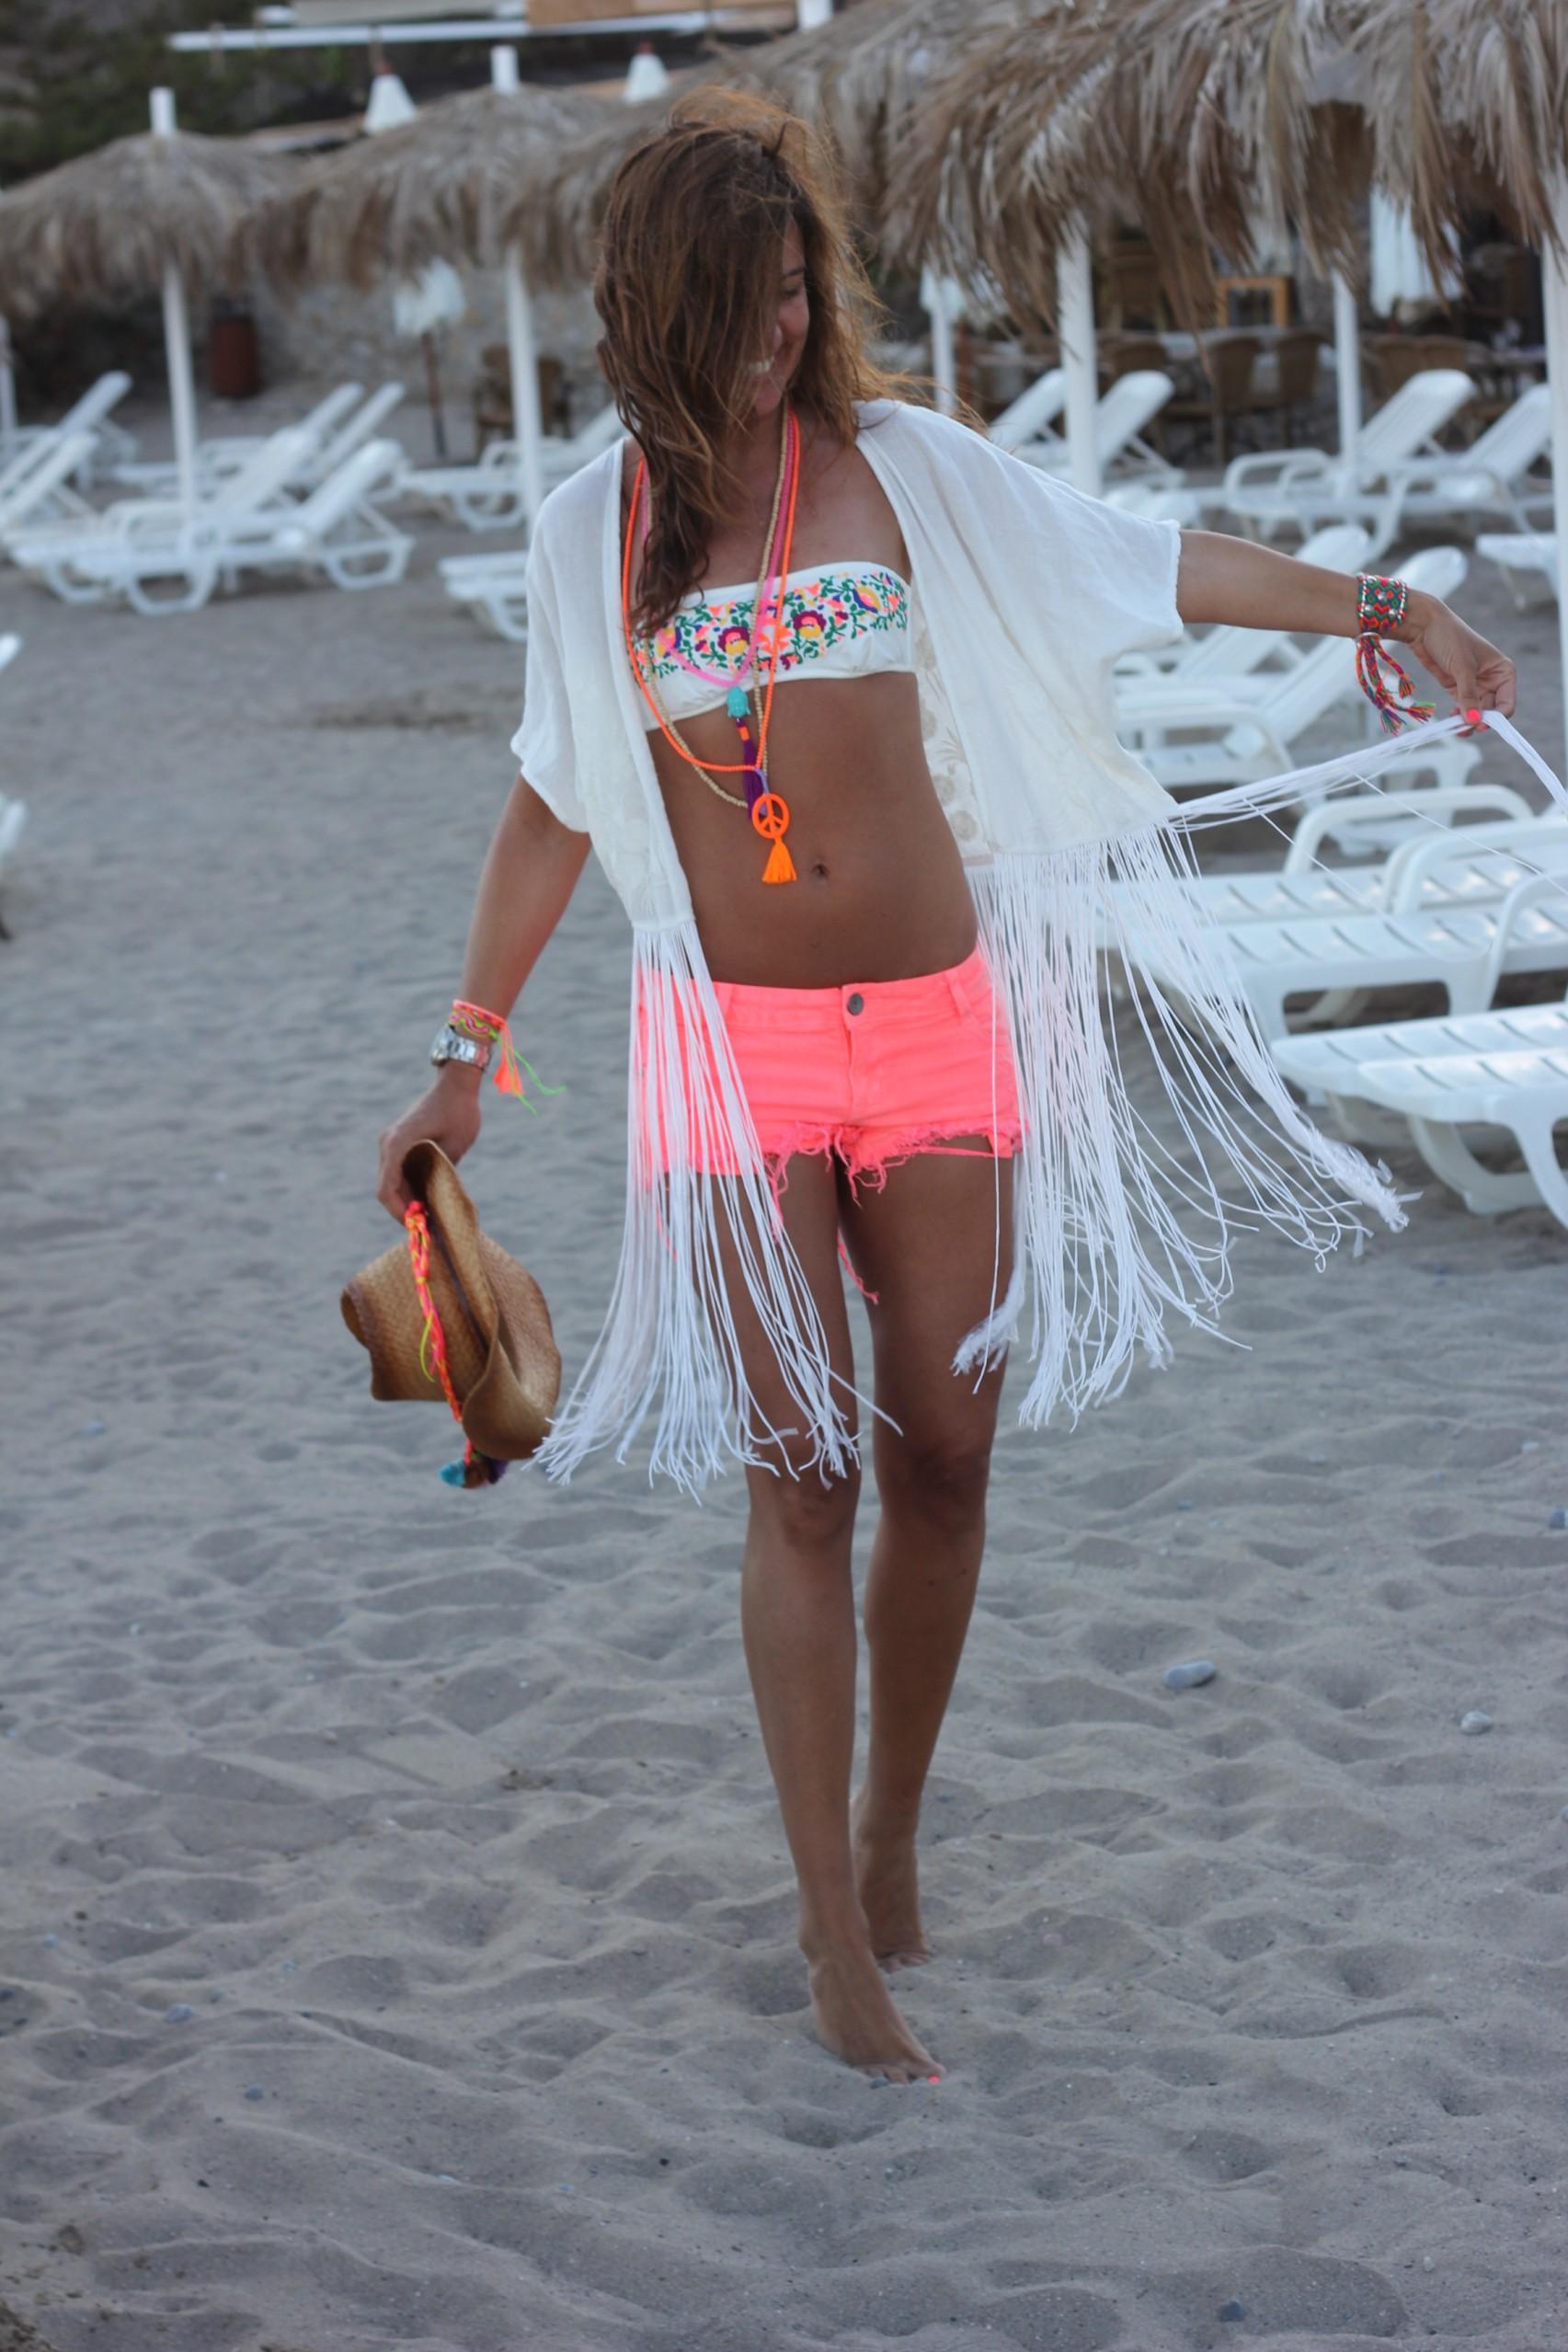 tropicana beach #ibizaholidays-57176-mytenida